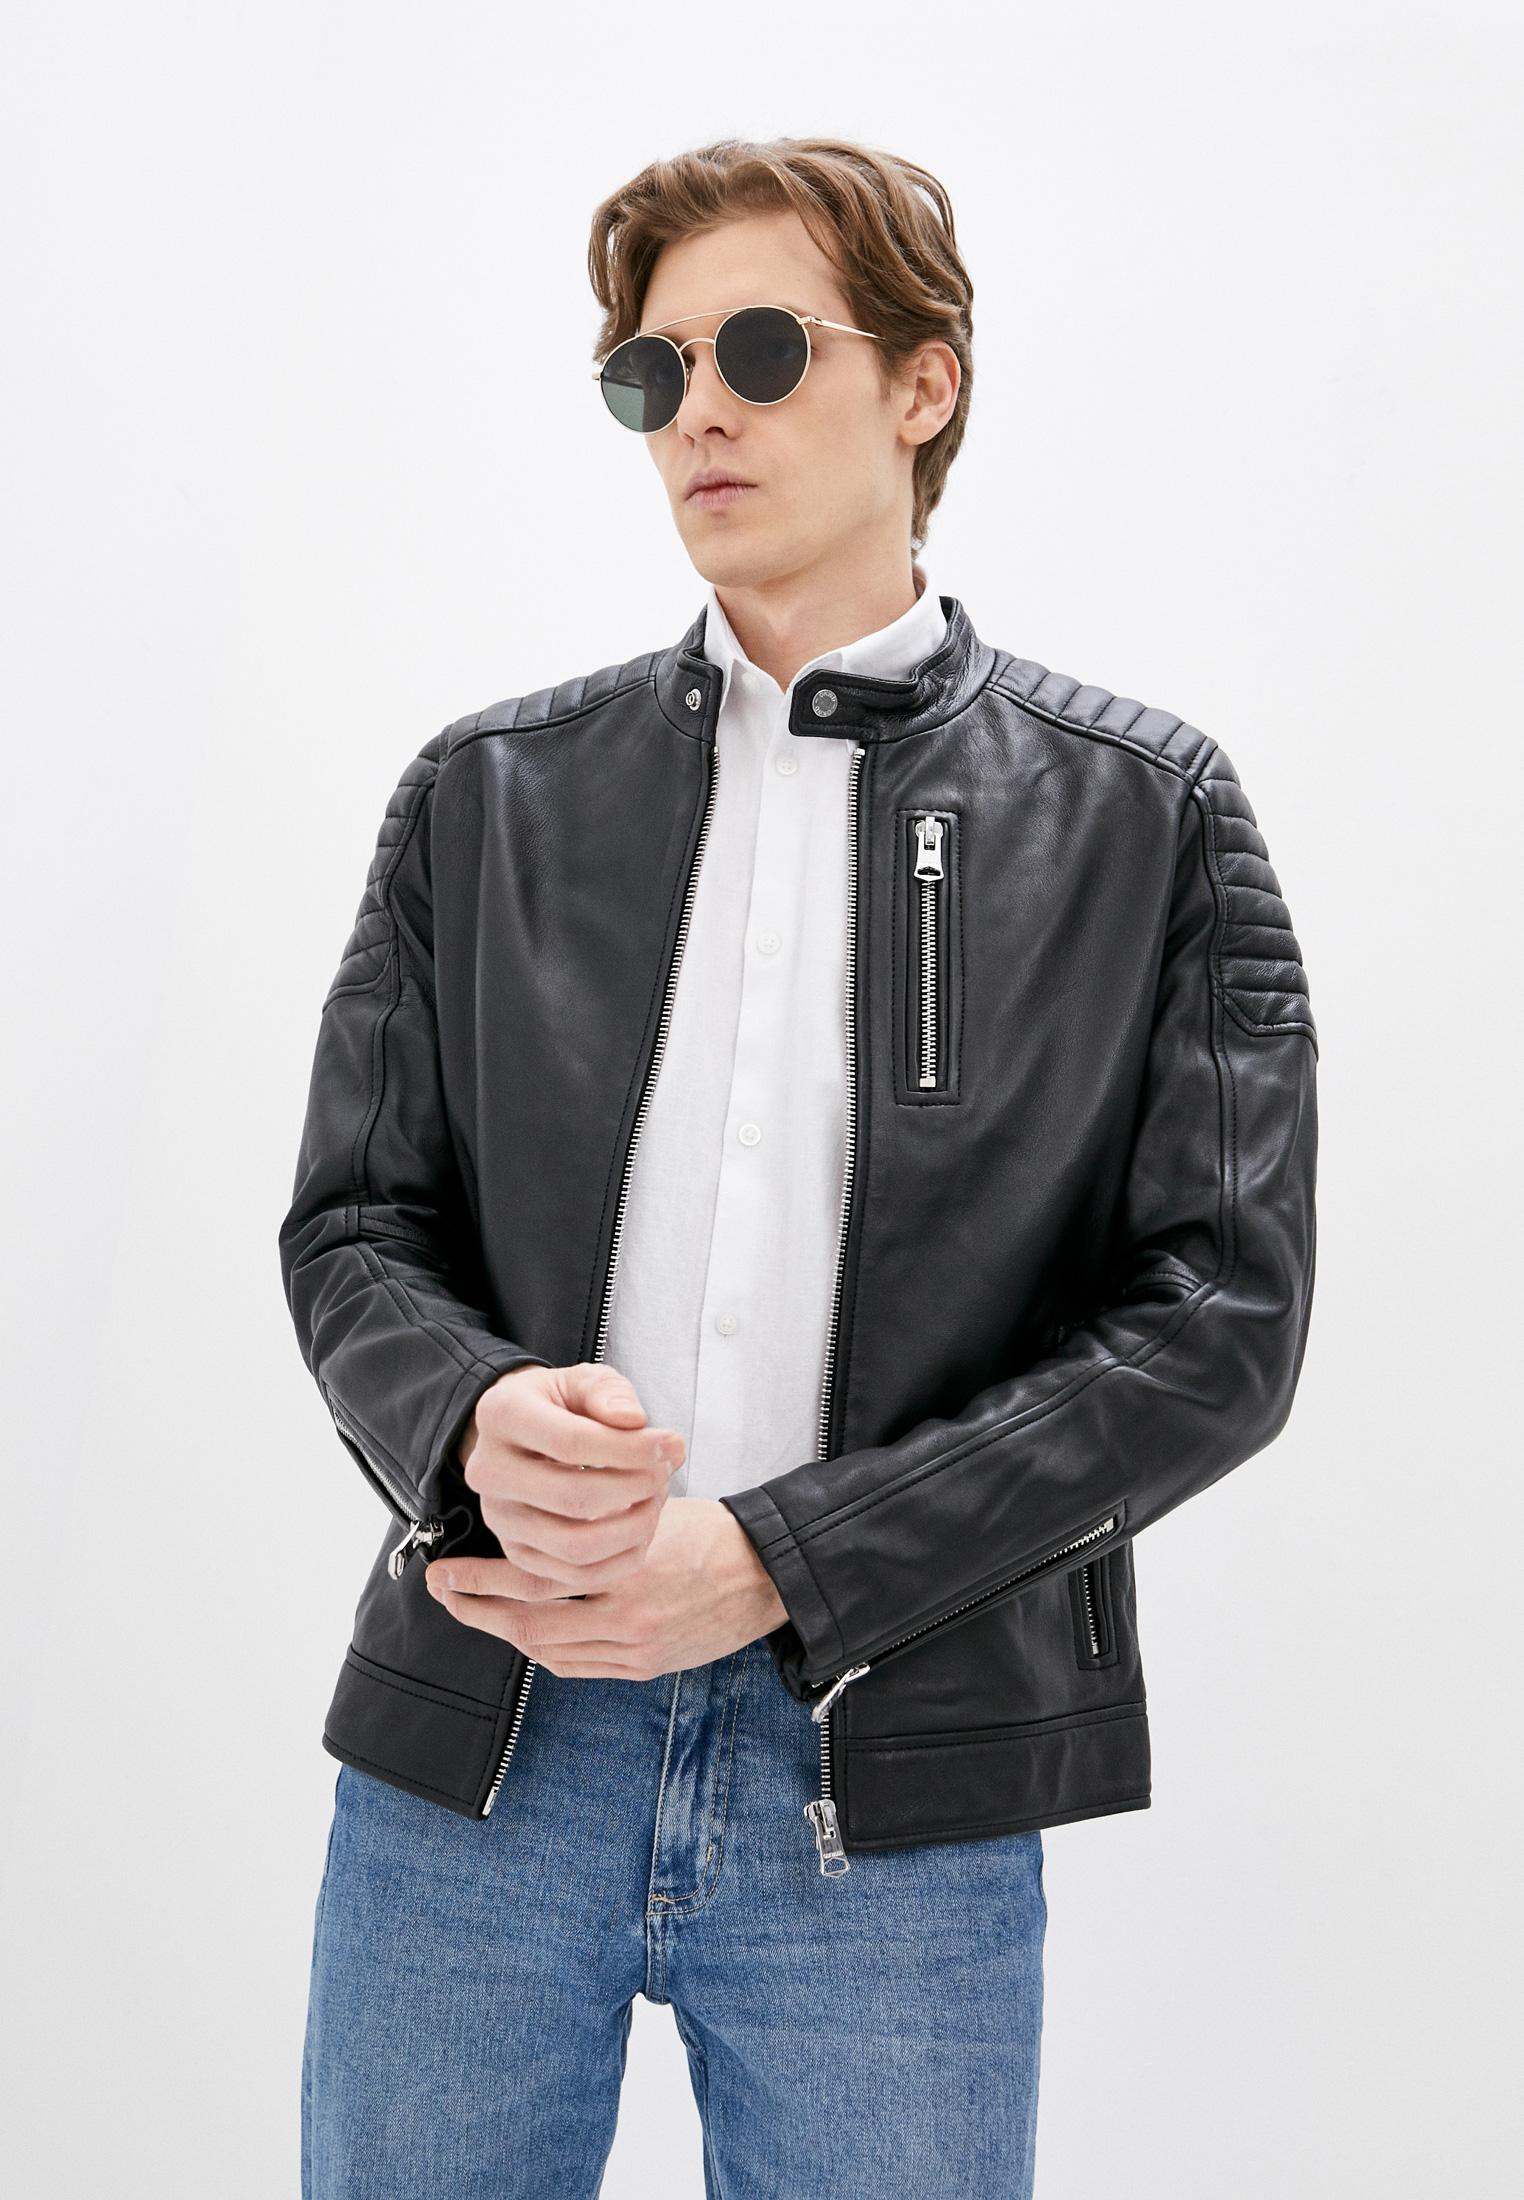 Кожаная куртка Oakwood (Оаквуд) Куртка кожаная Oakwood